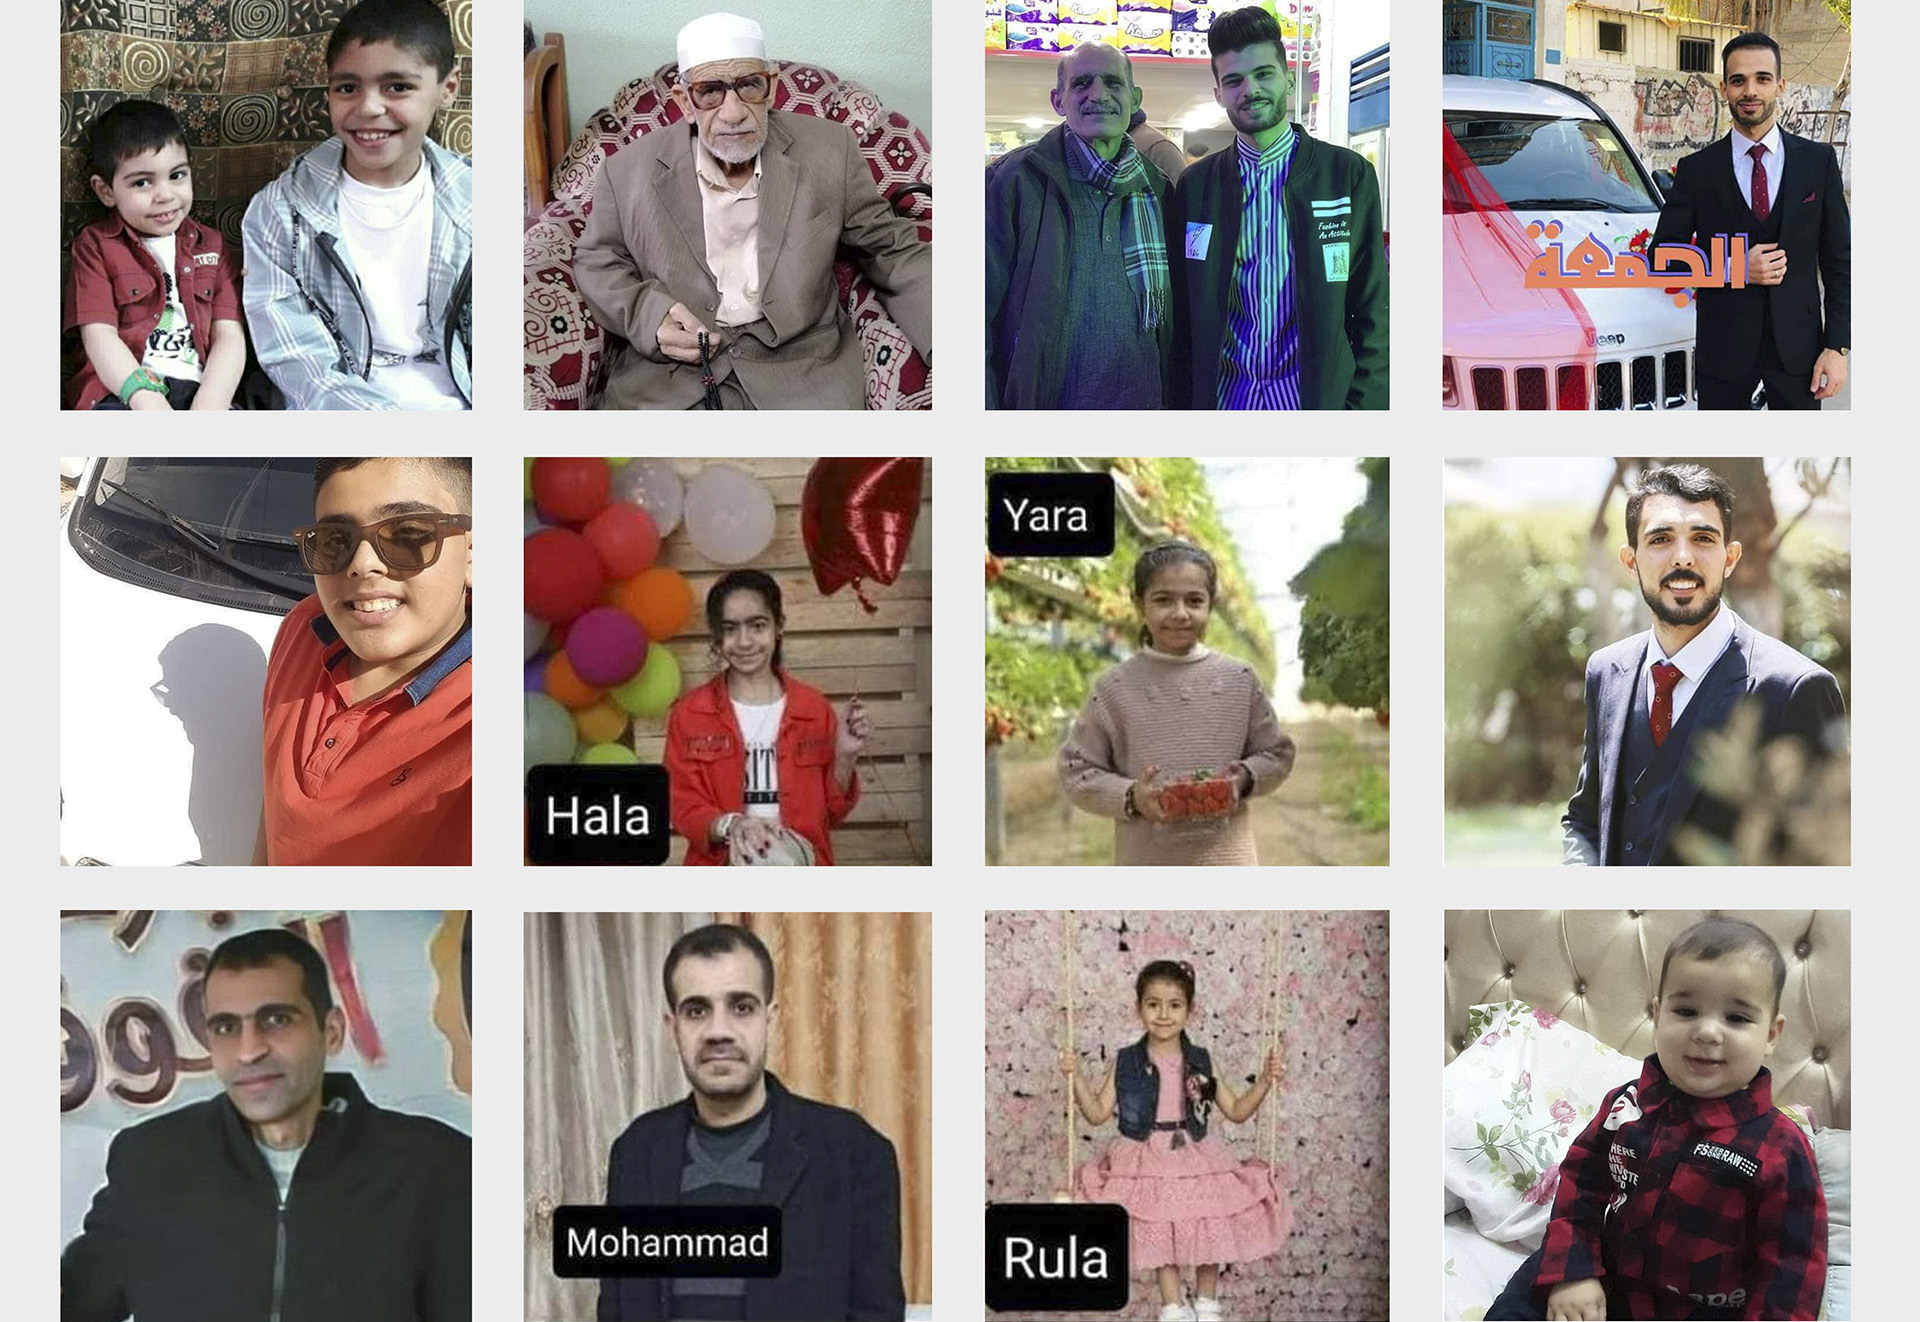 Gaza Hm 1